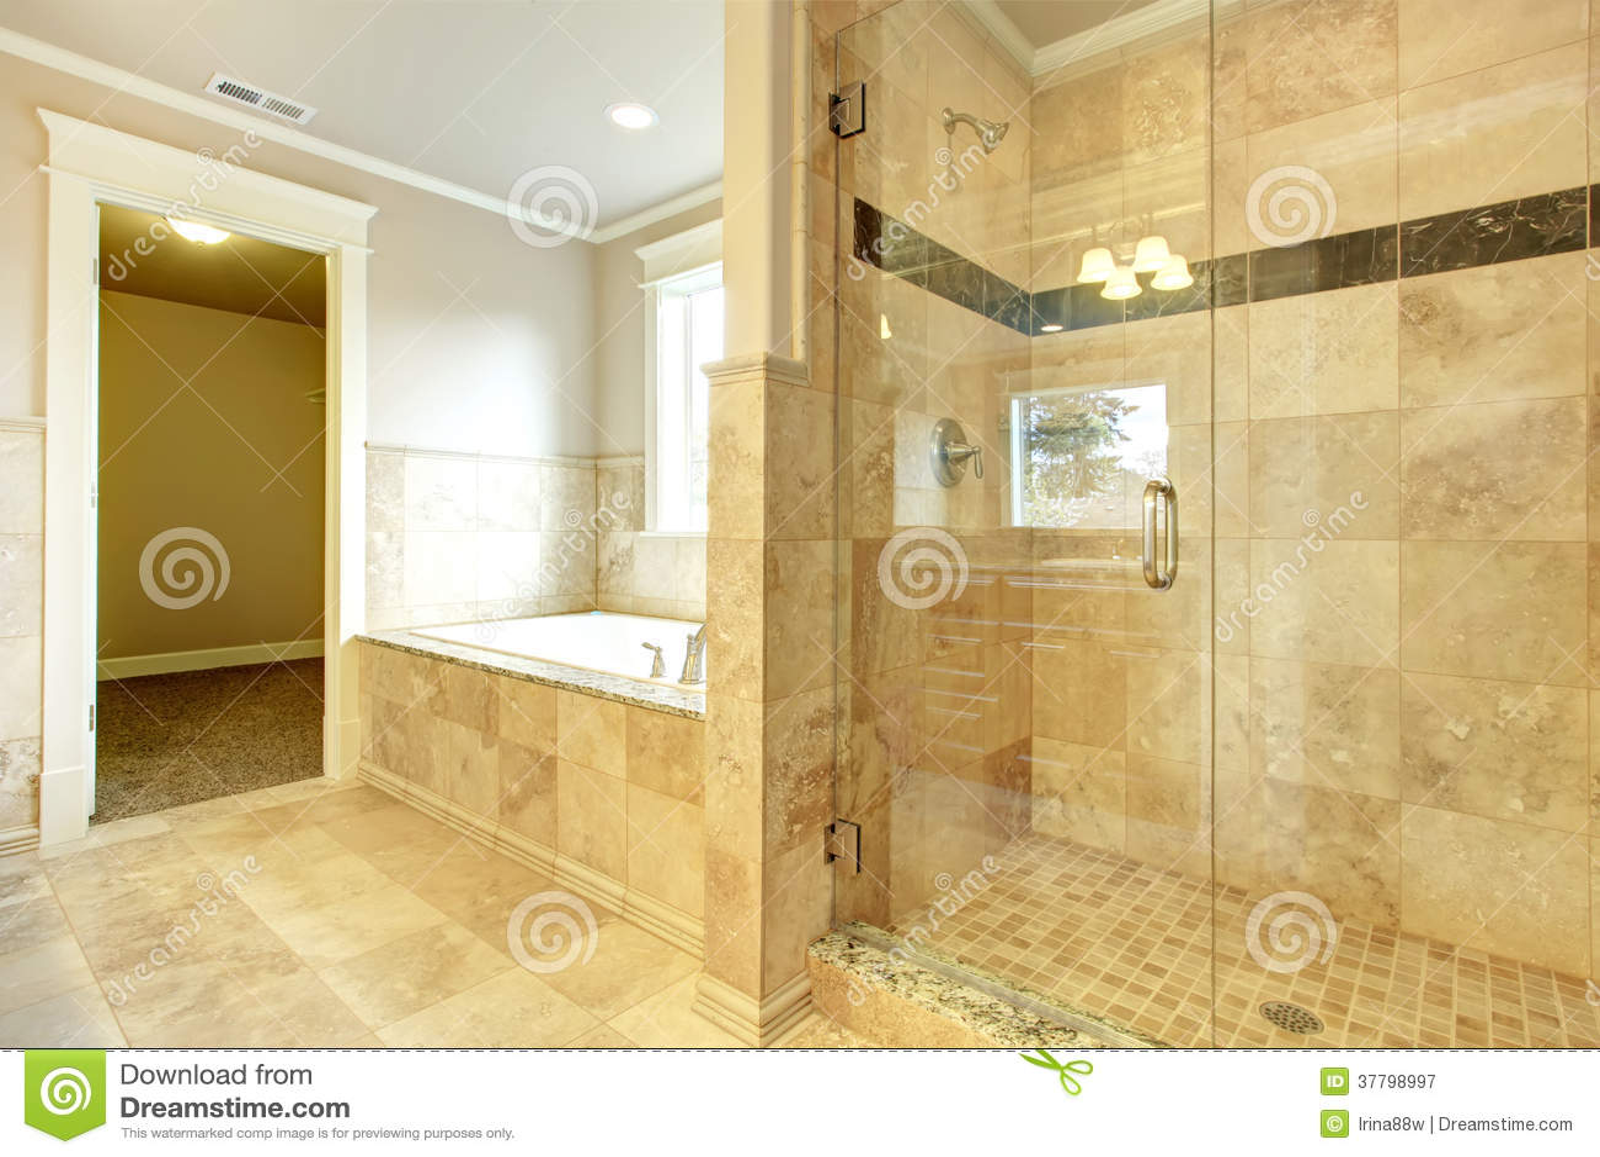 Cuartos De Baño Con Ducha Fotos:Cuarto de baño acogedor con la ducha de la puerta de la tina y del